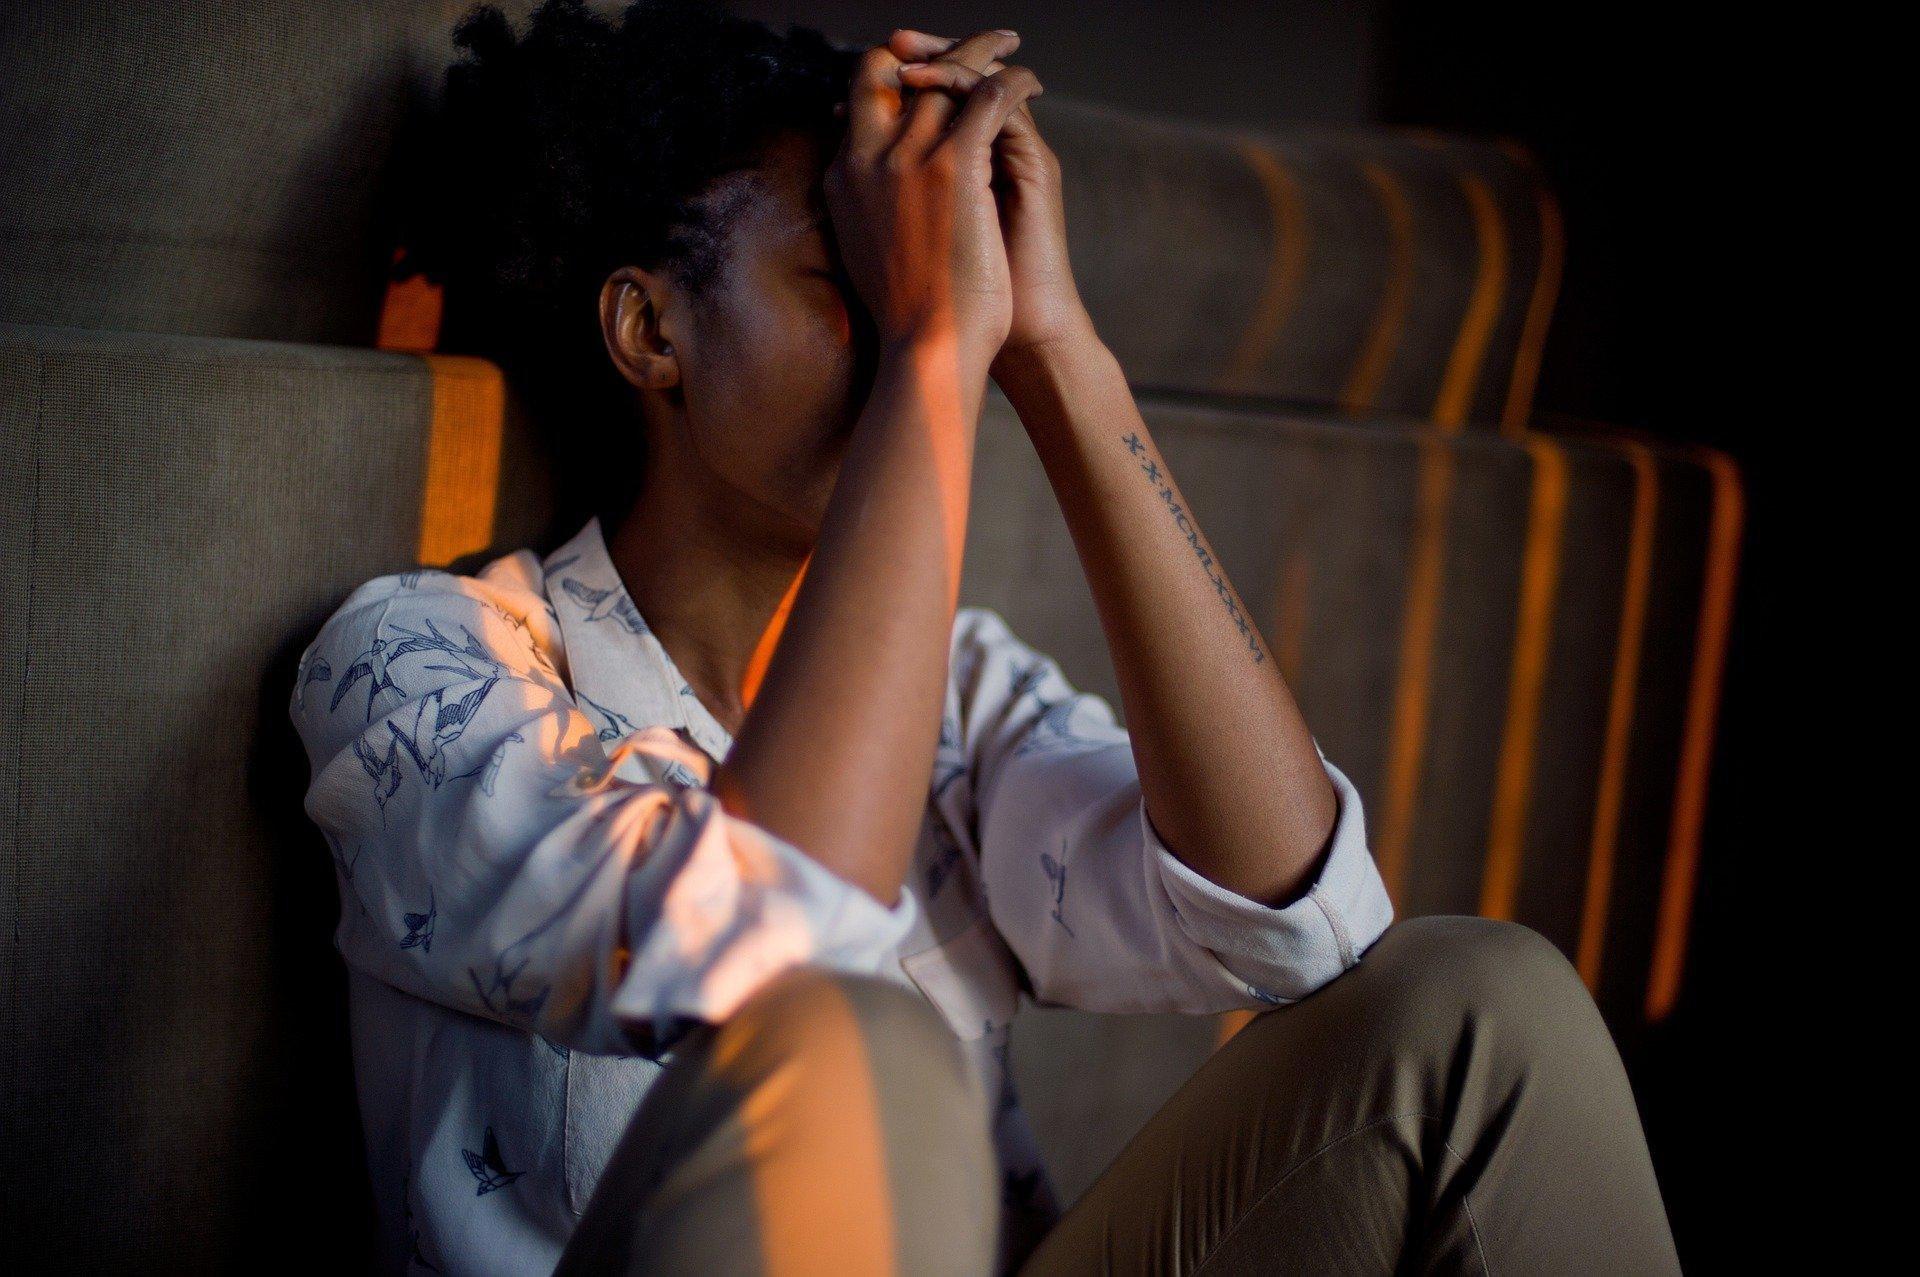 La dépression post-partum qu'est-ce que c'est?